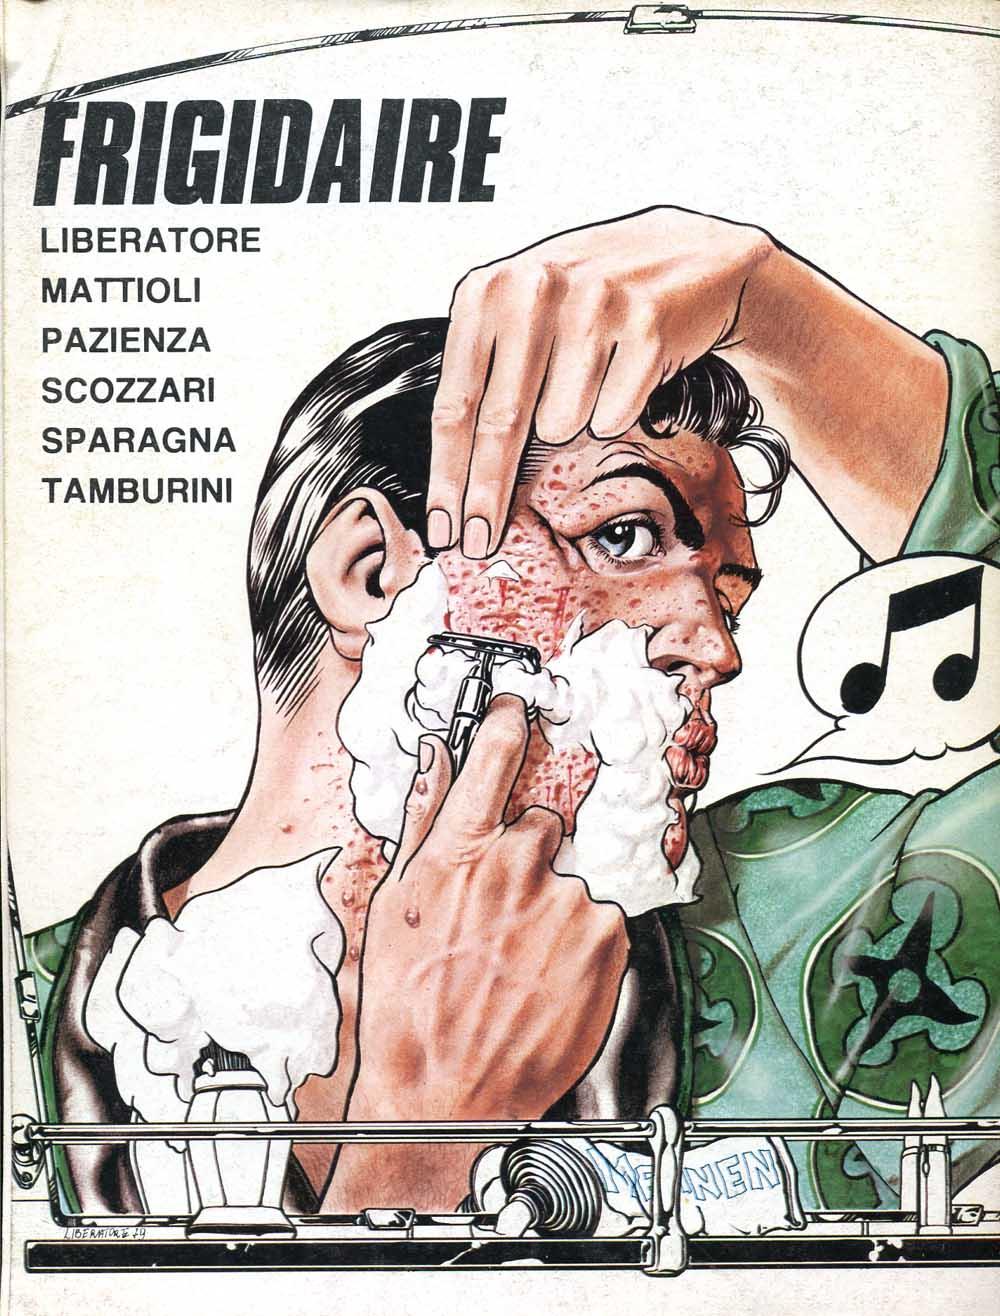 Tanino Liberatore, Frigidaire n.1, quarta di copertina